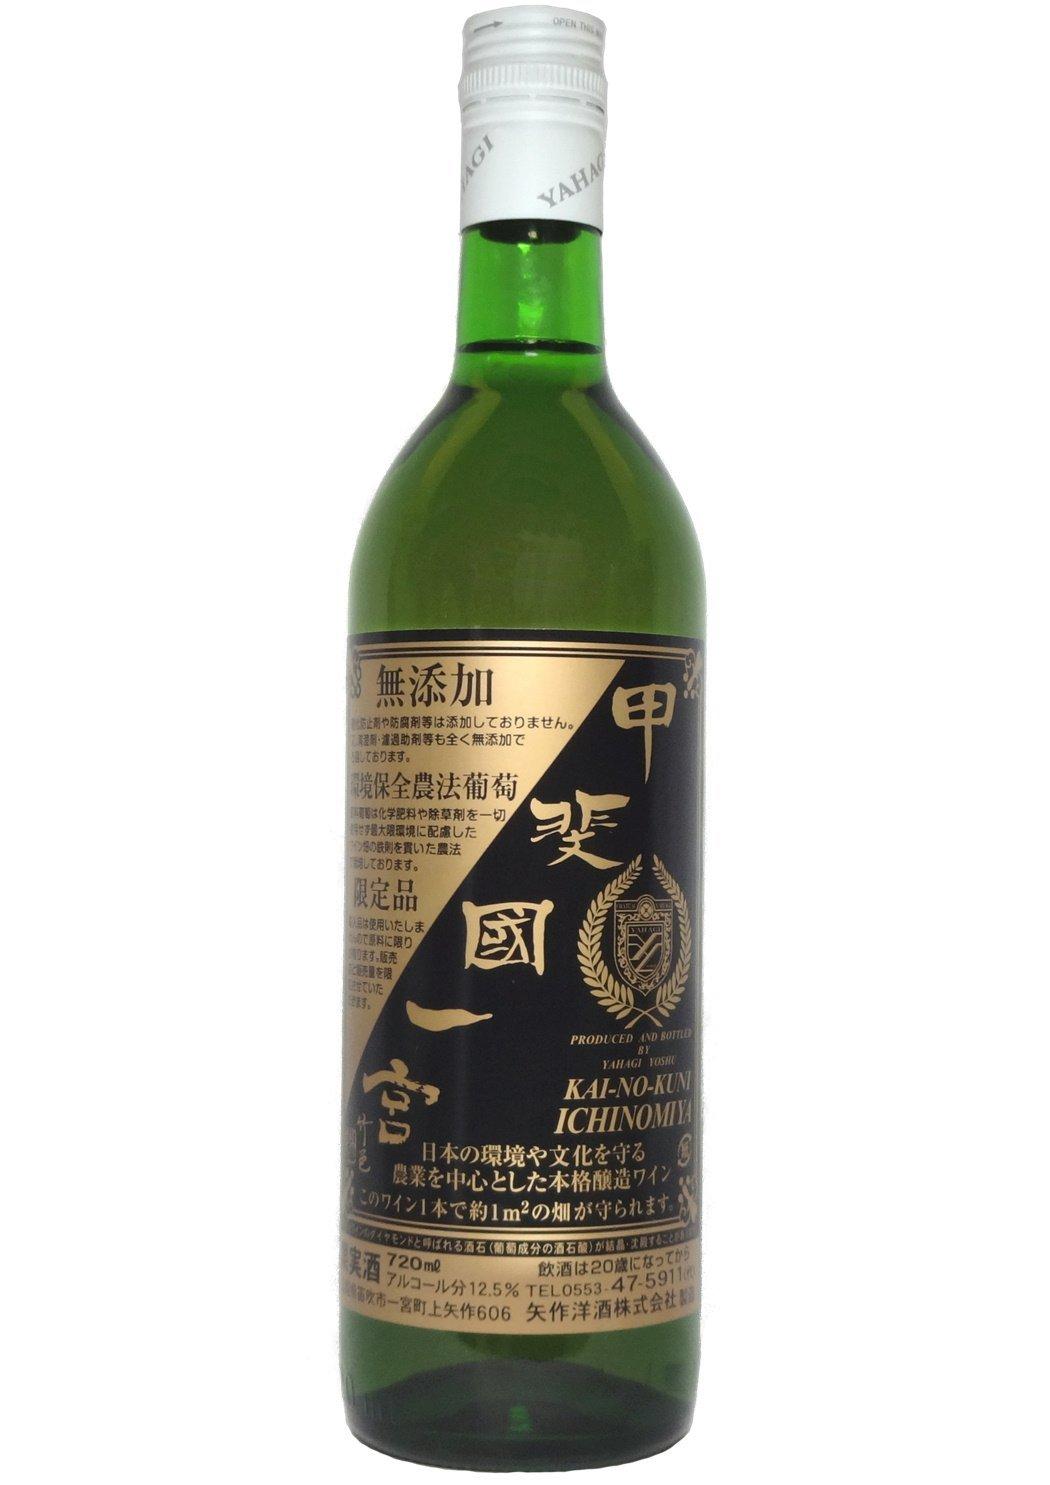 Kai Ichinomiya